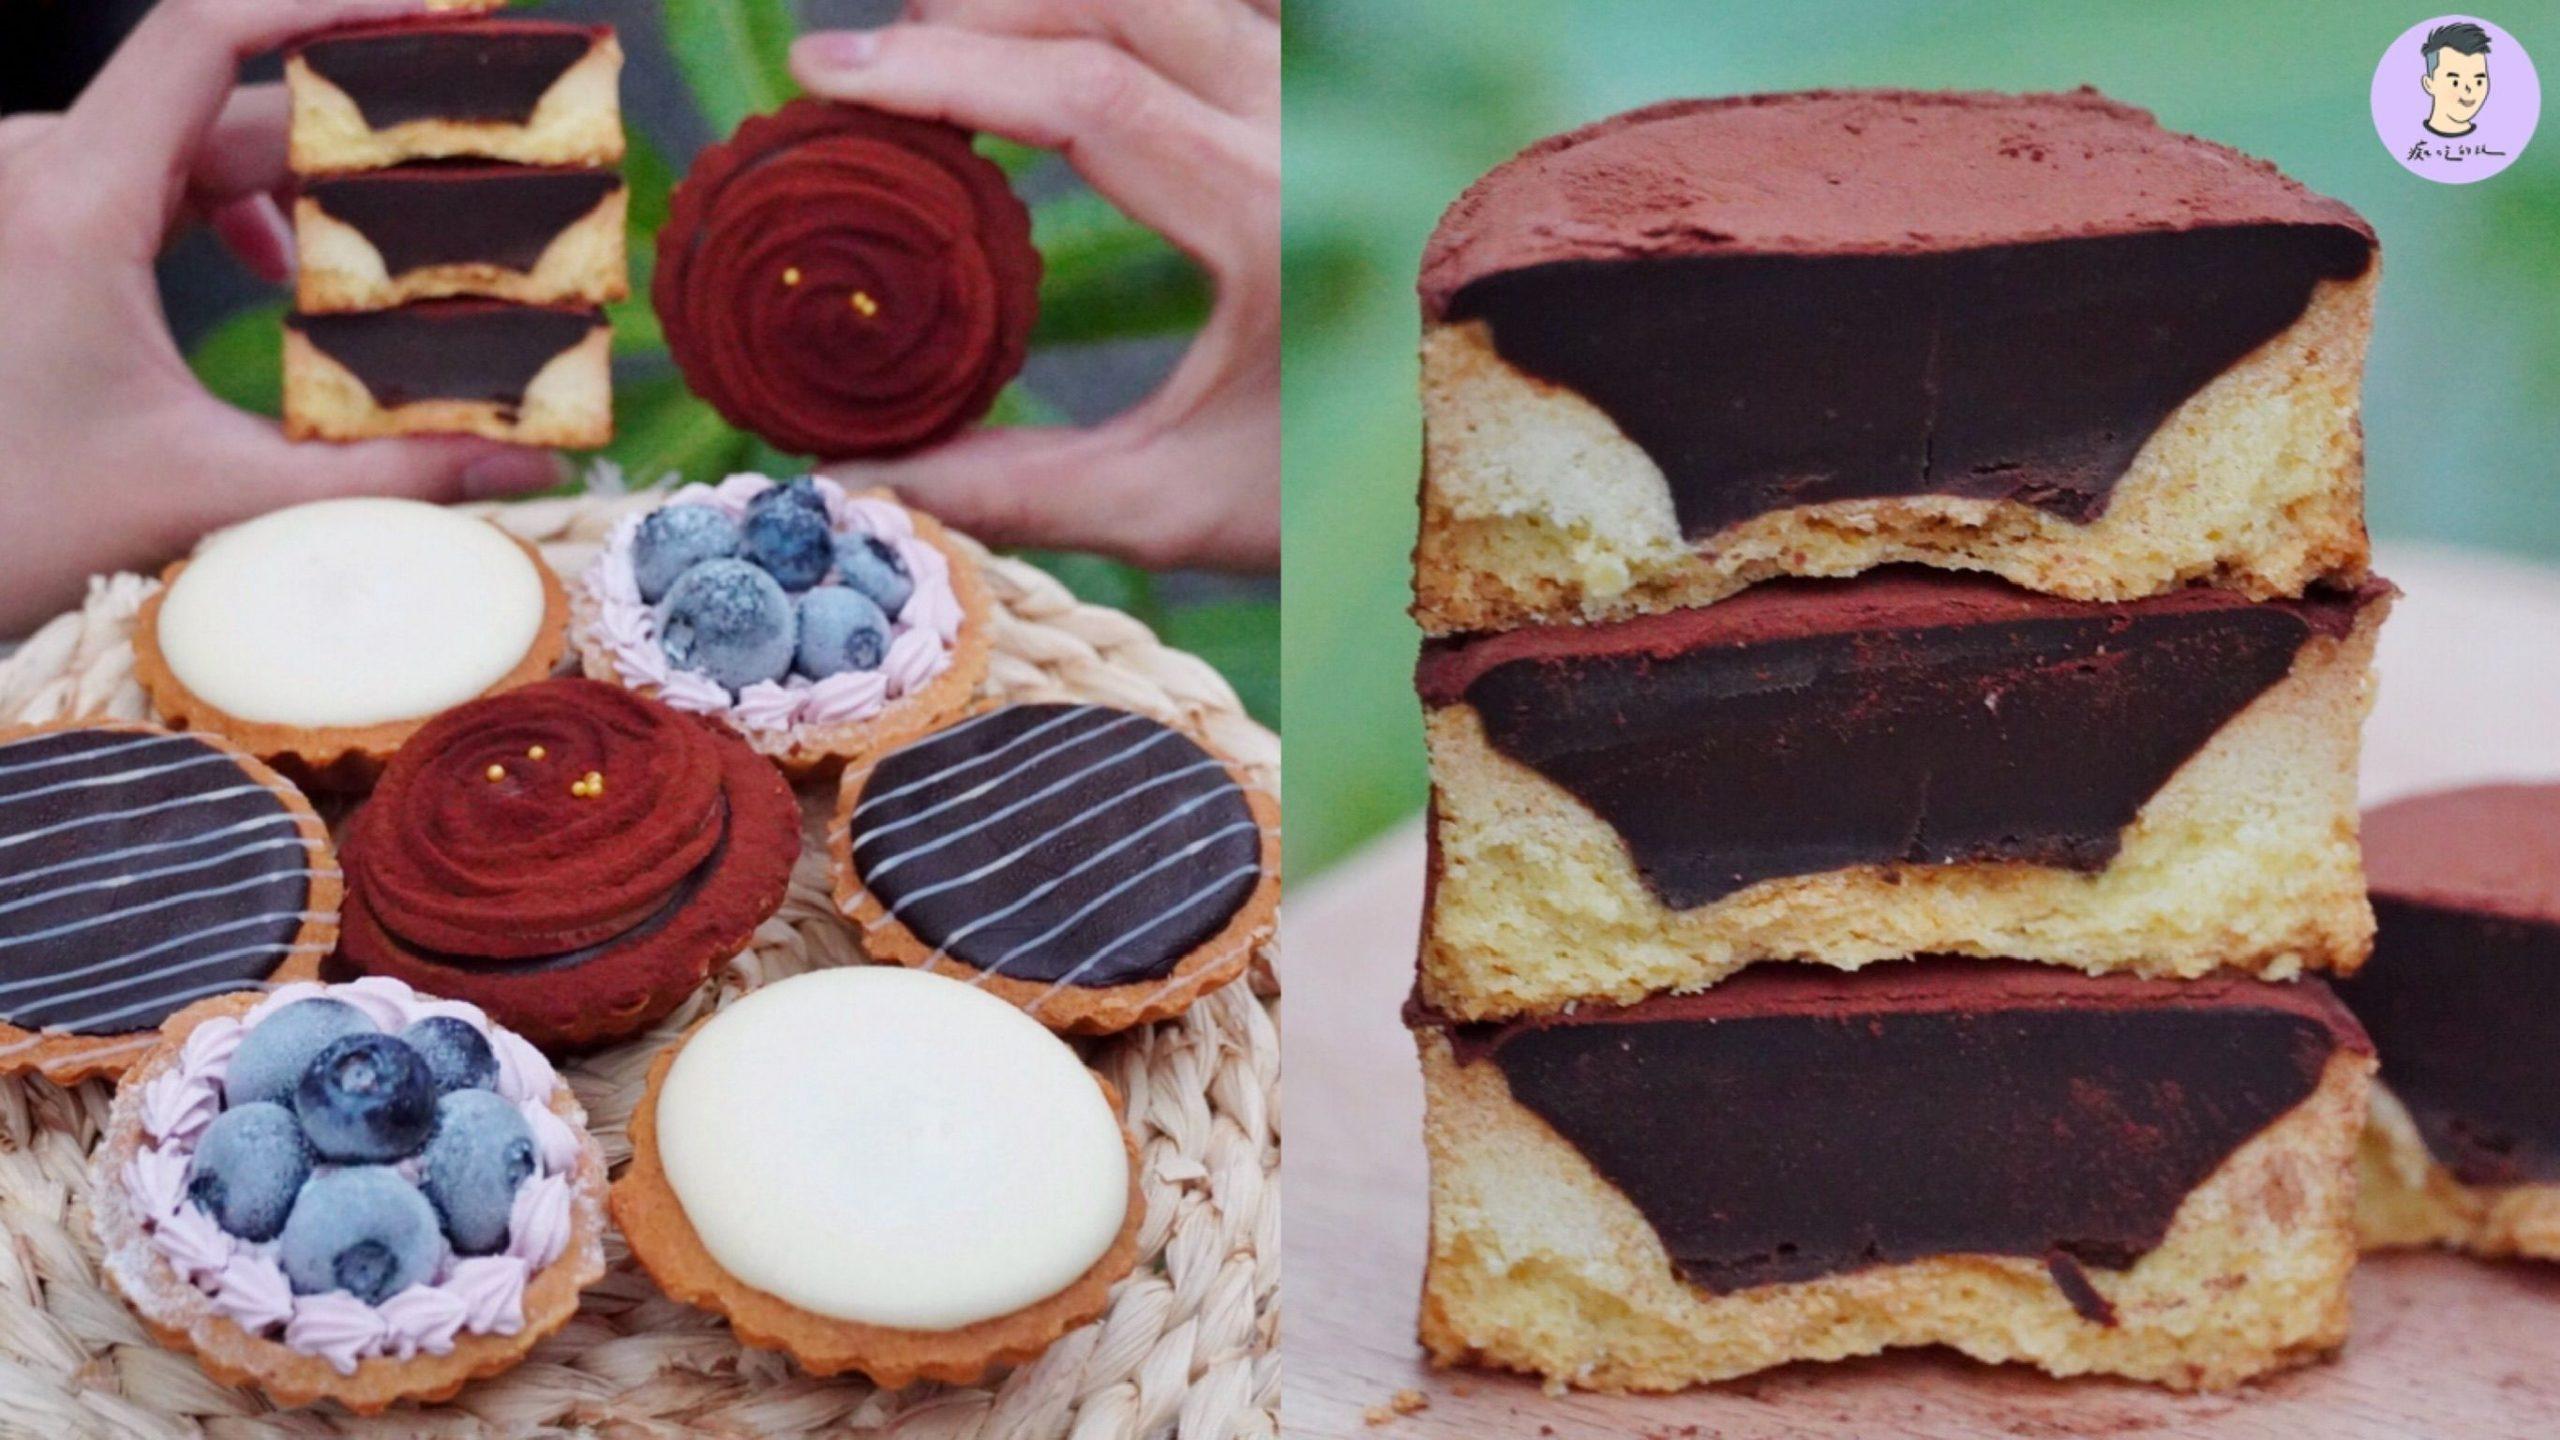 【台南美食】 阿嬤的珍藏 剛開賣就秒殺「黑巧餅乾」要等一個月才買得到 必買人氣生巧克力塔/豆塔|台南伴手禮